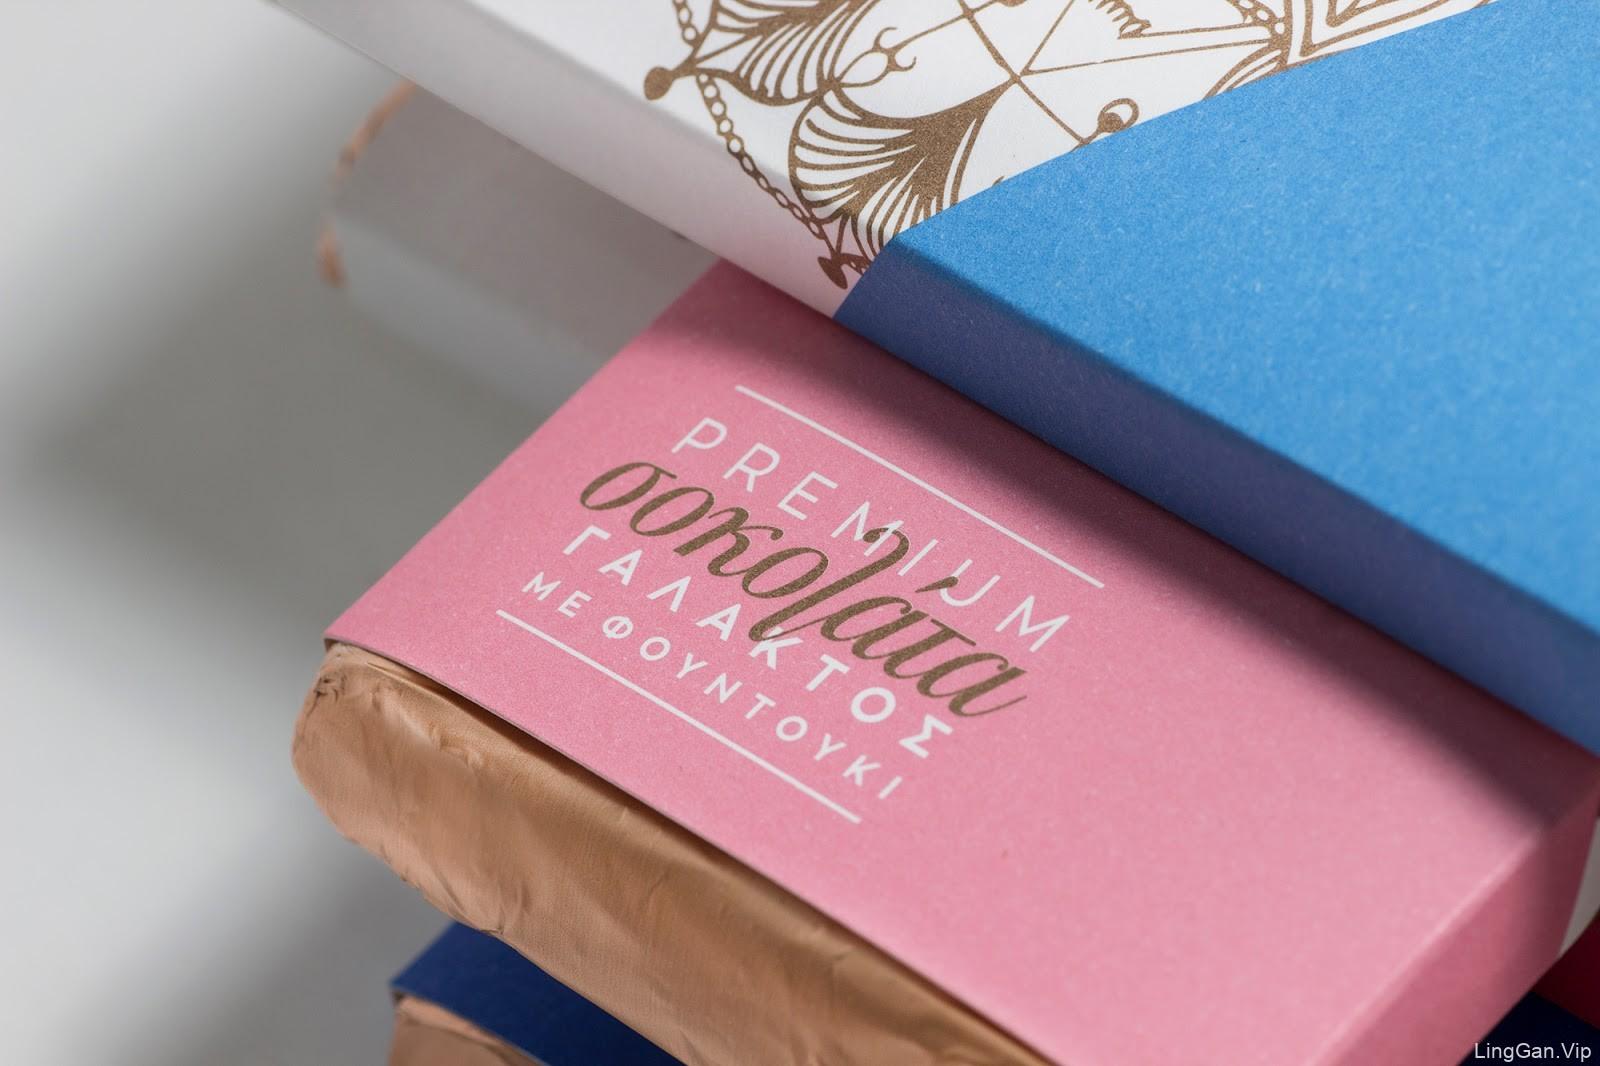 Sokola巧克力包装设计